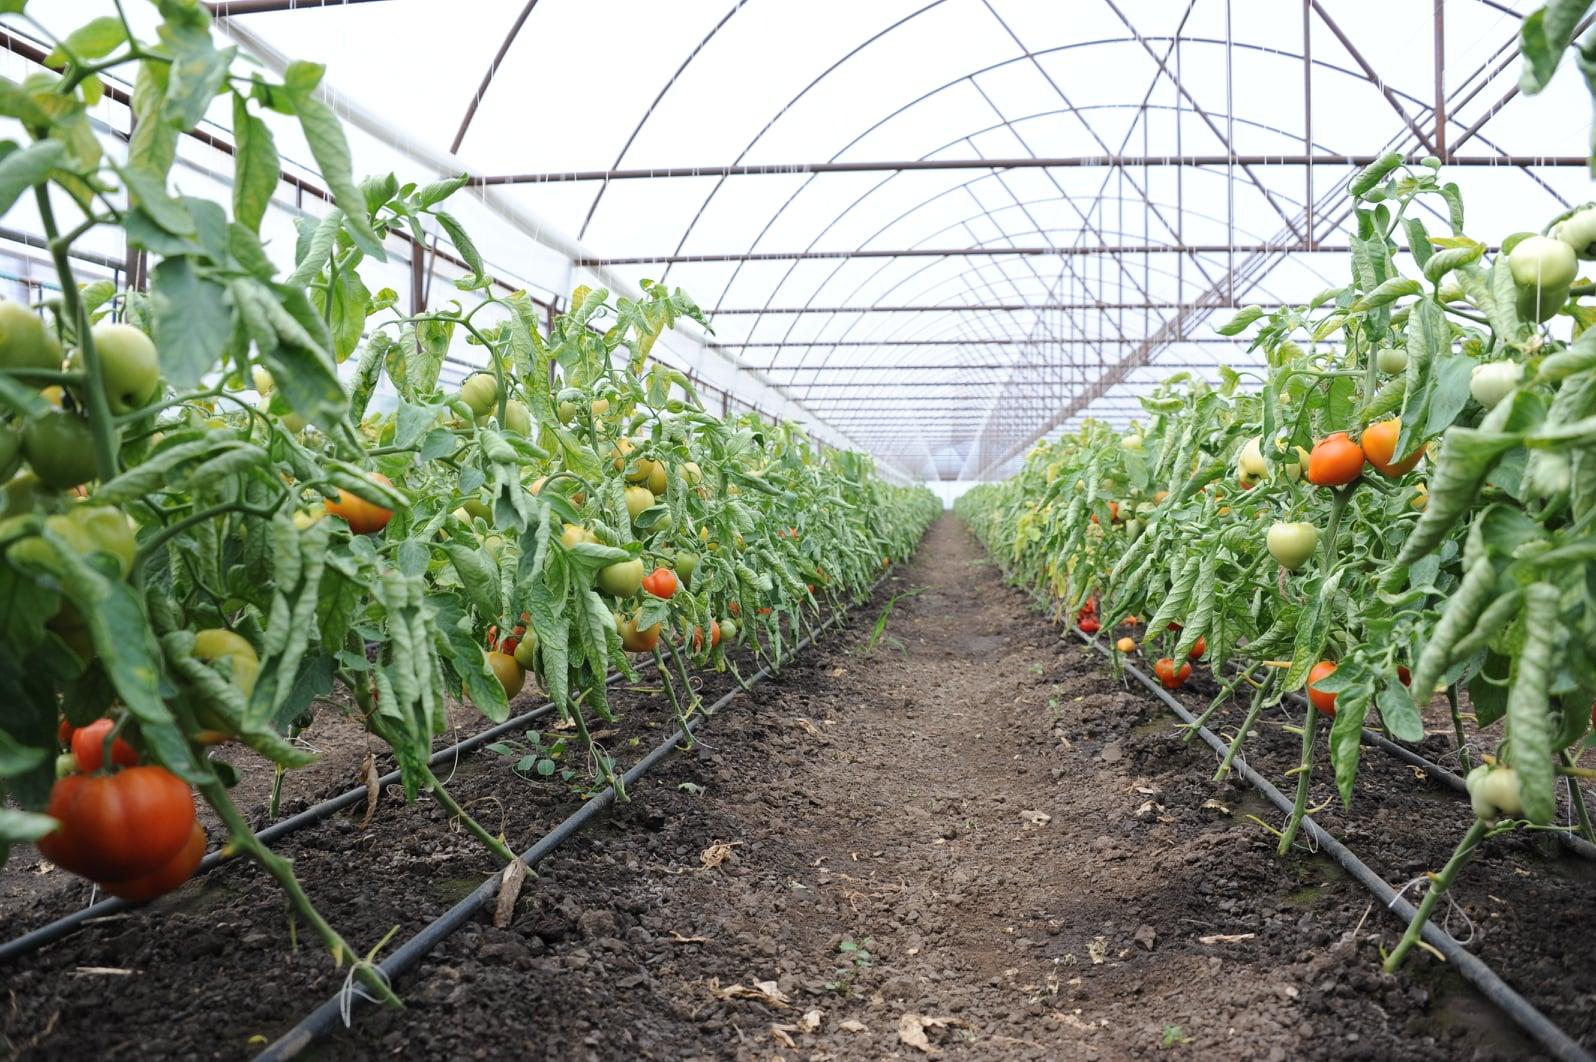 Programul Tomata continua si in 2020 cu aceeasi suma: 3.000 euro/1.000 mp